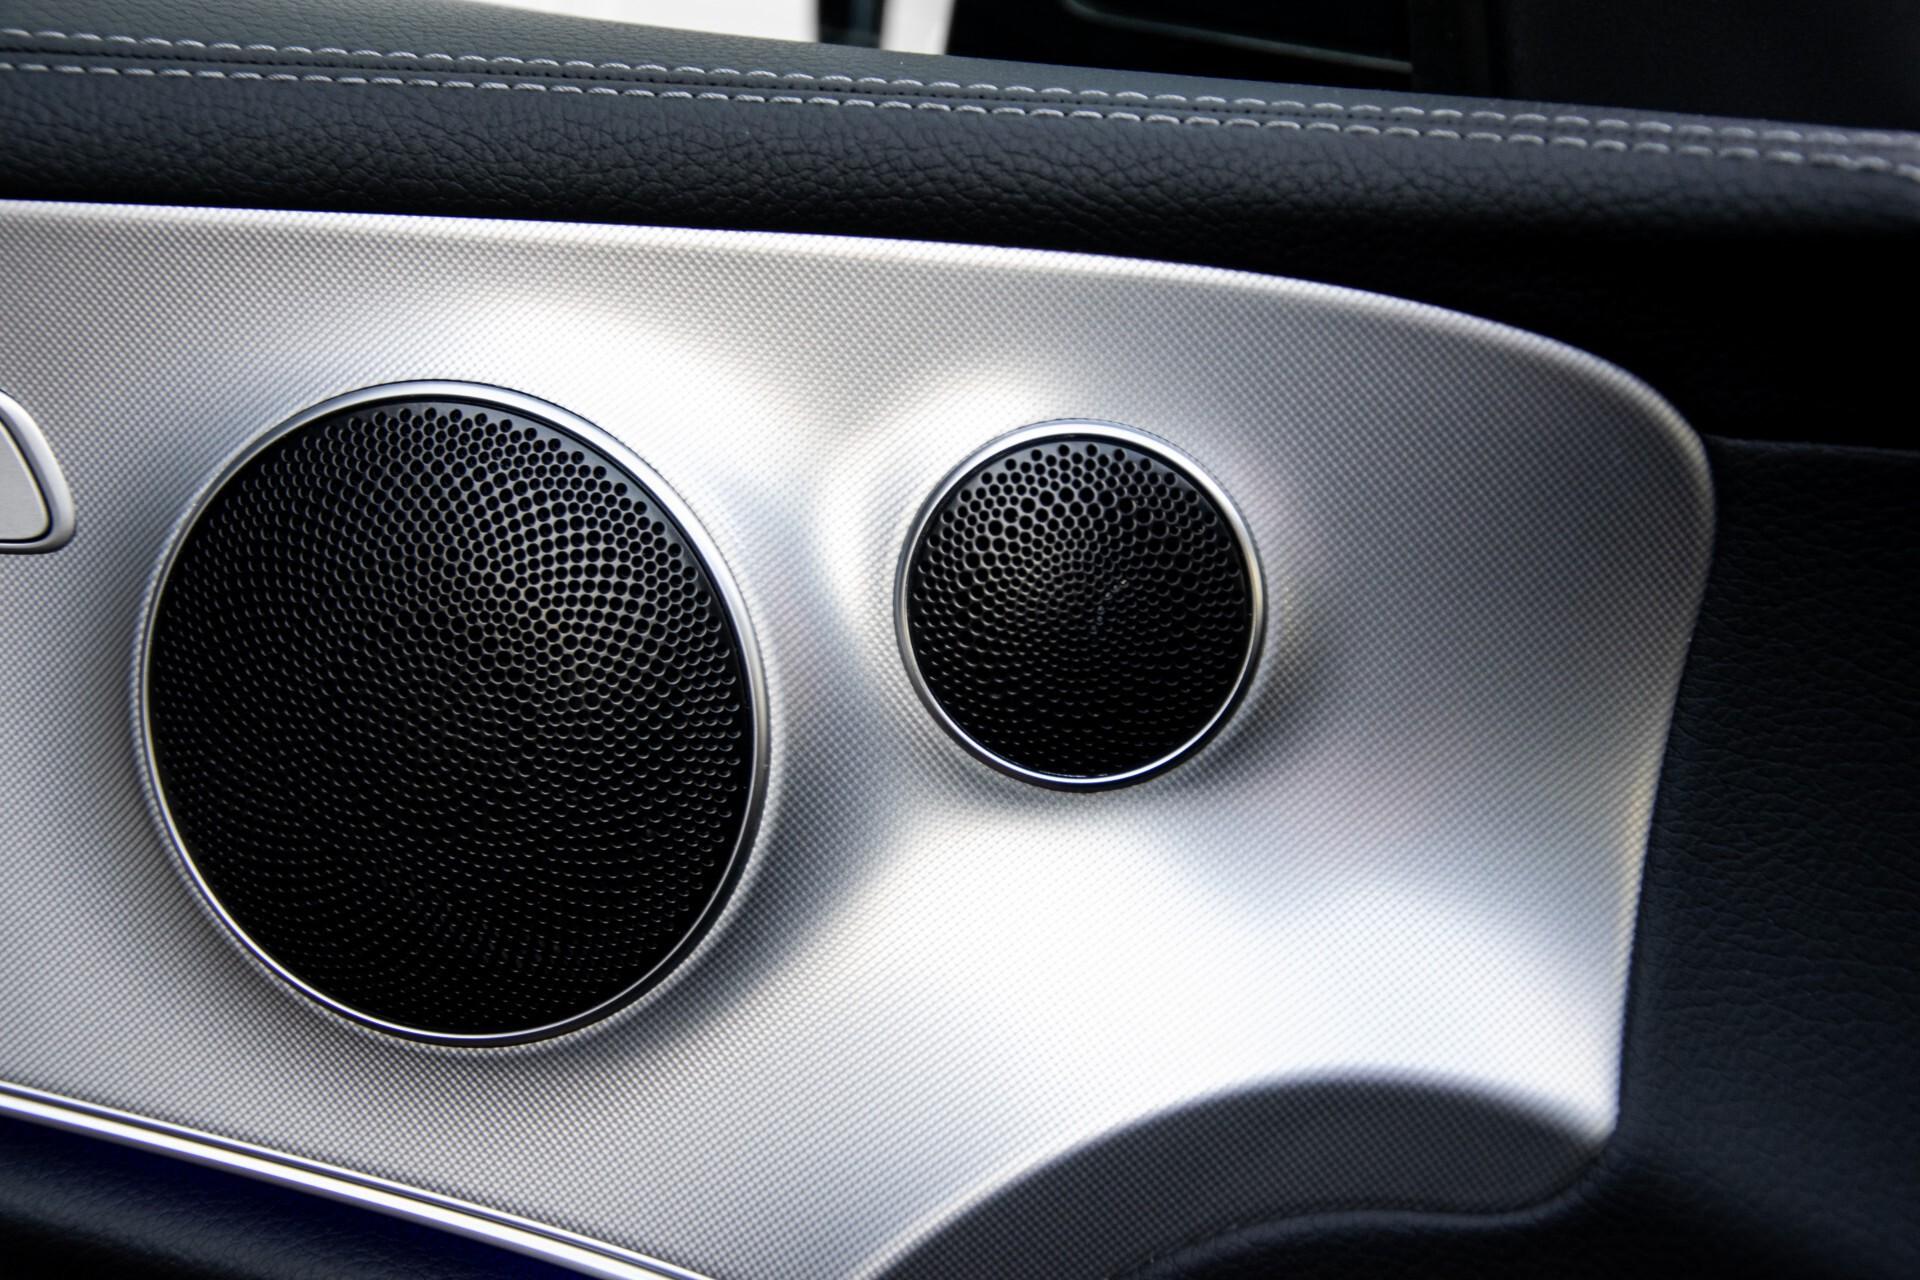 Mercedes-Benz E-Klasse Coupé 200 AMG Panorama/Night/Carbon/Premium/Widescreen/ILS Aut9 Foto 21